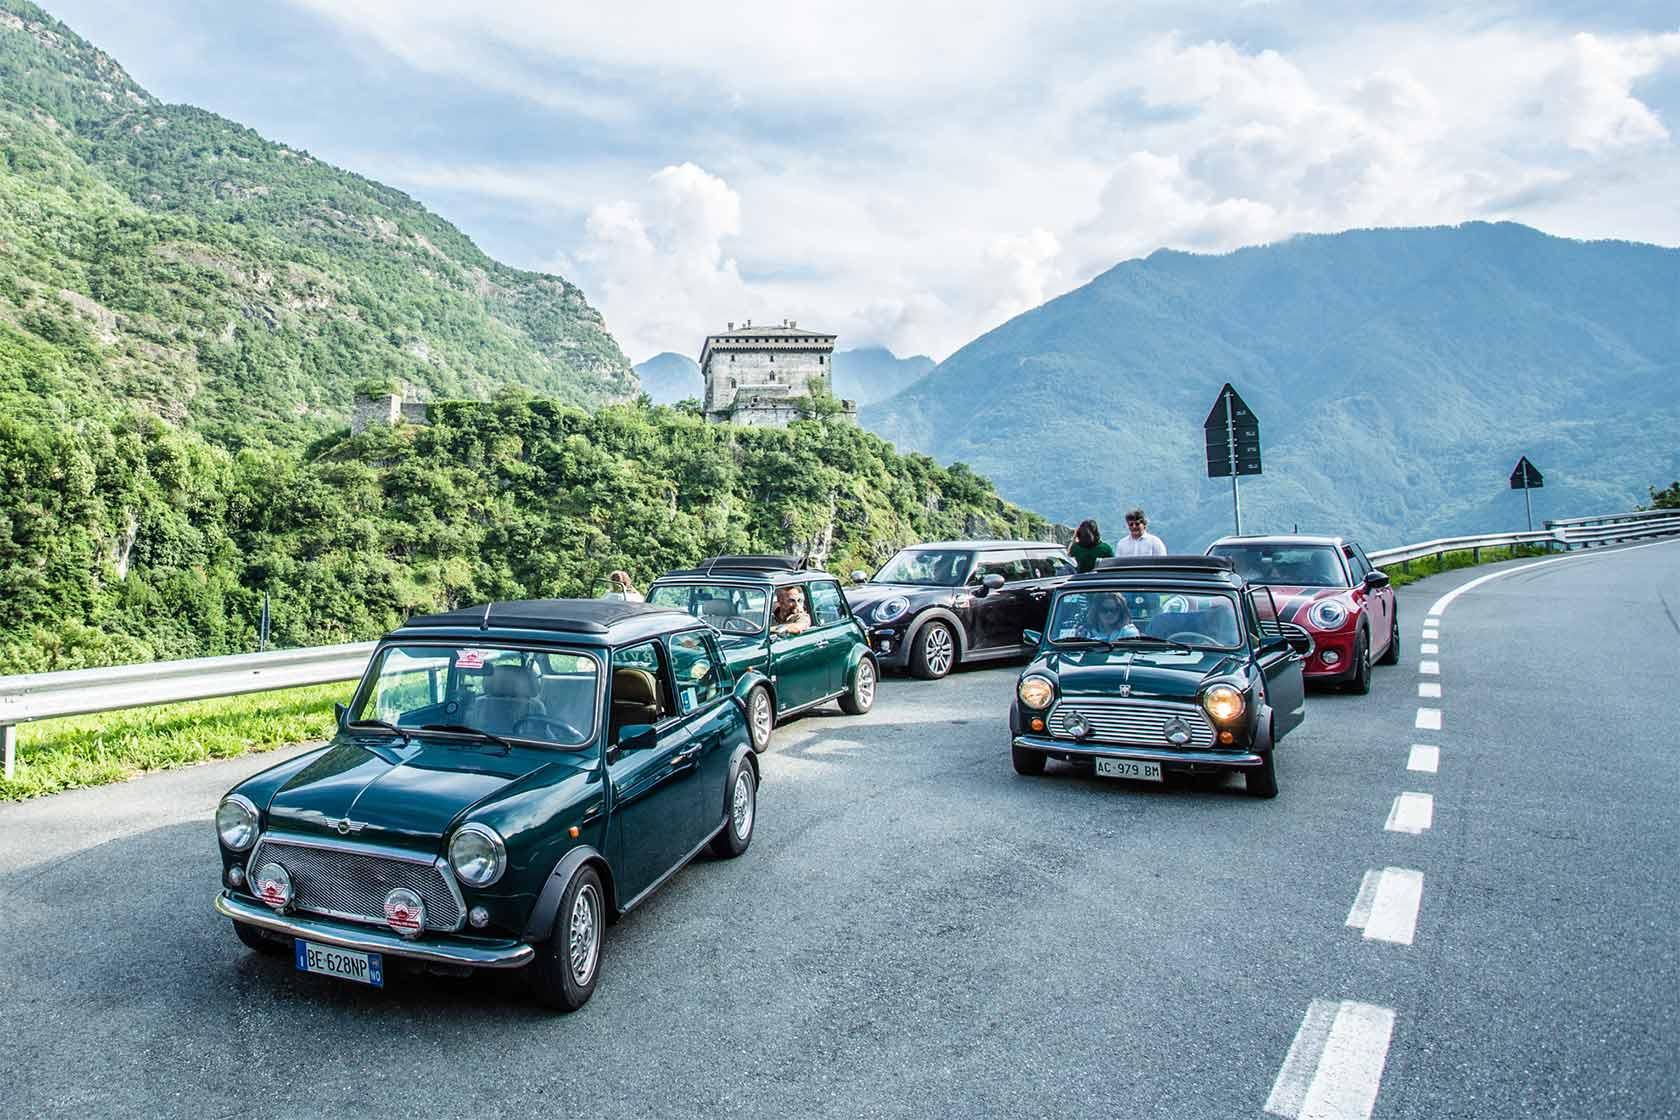 AOSTA VALLEY MINI MEETING 2019: Vieni a scoprire la Valle d'Aosta a bordo della tua MINI, classica o moderna.